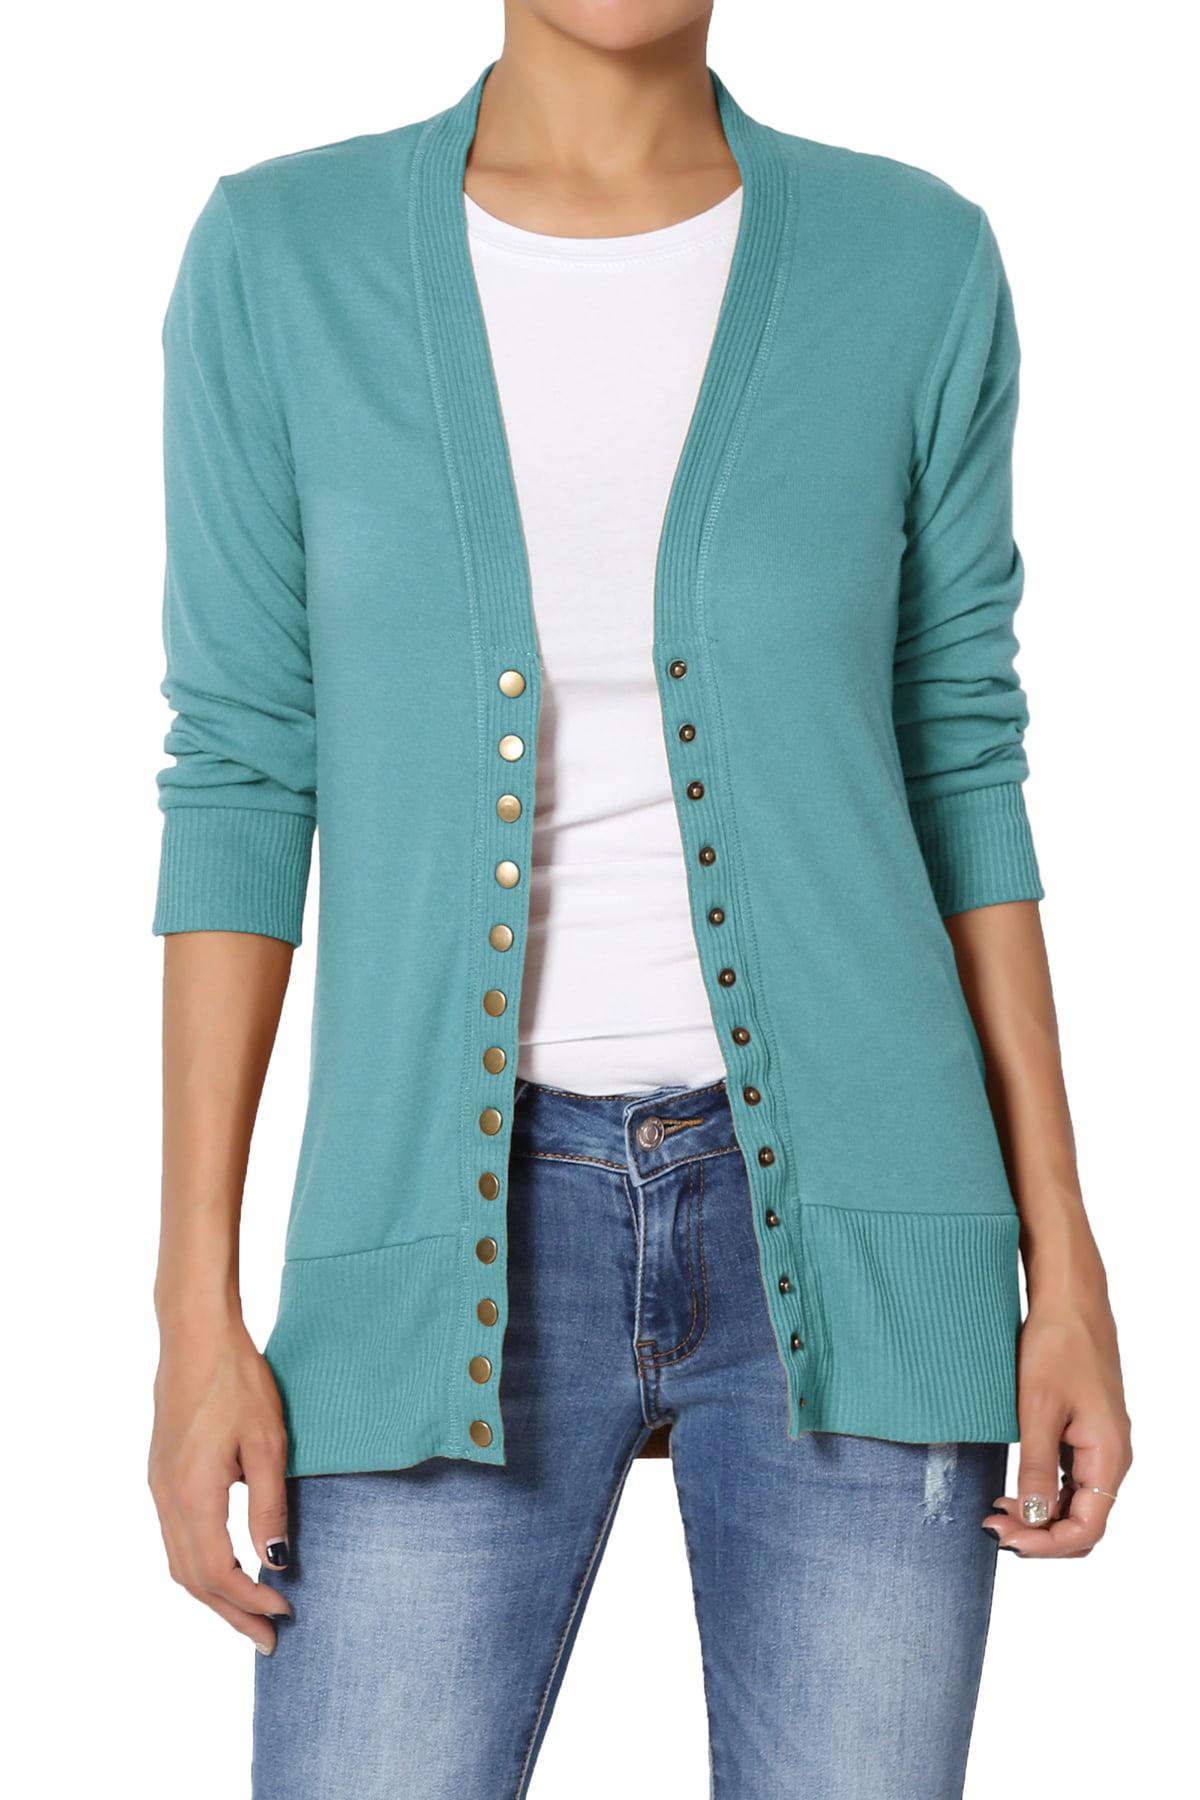 TheMogan TheMogan Women's S~3X Basic Snap Button V Neck 34 Sleeve Knit Cardigan